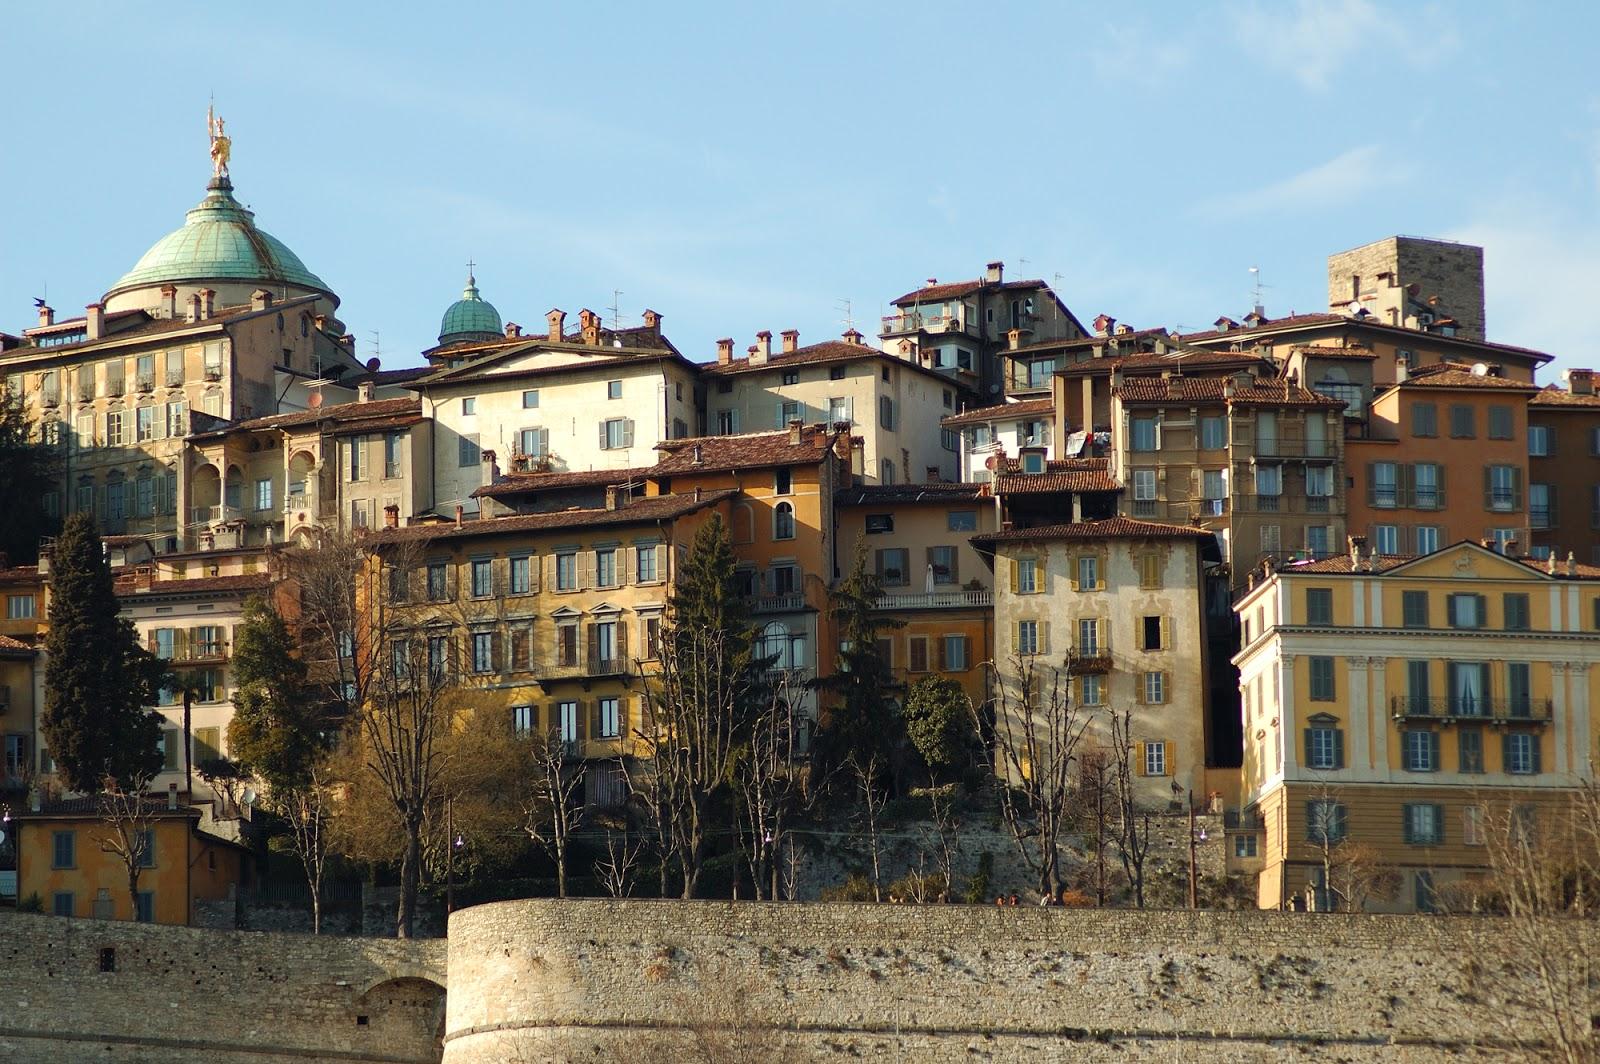 Bergamo un gioiello d 39 arte e di storia a briglie sciolte for B b bergamo alta